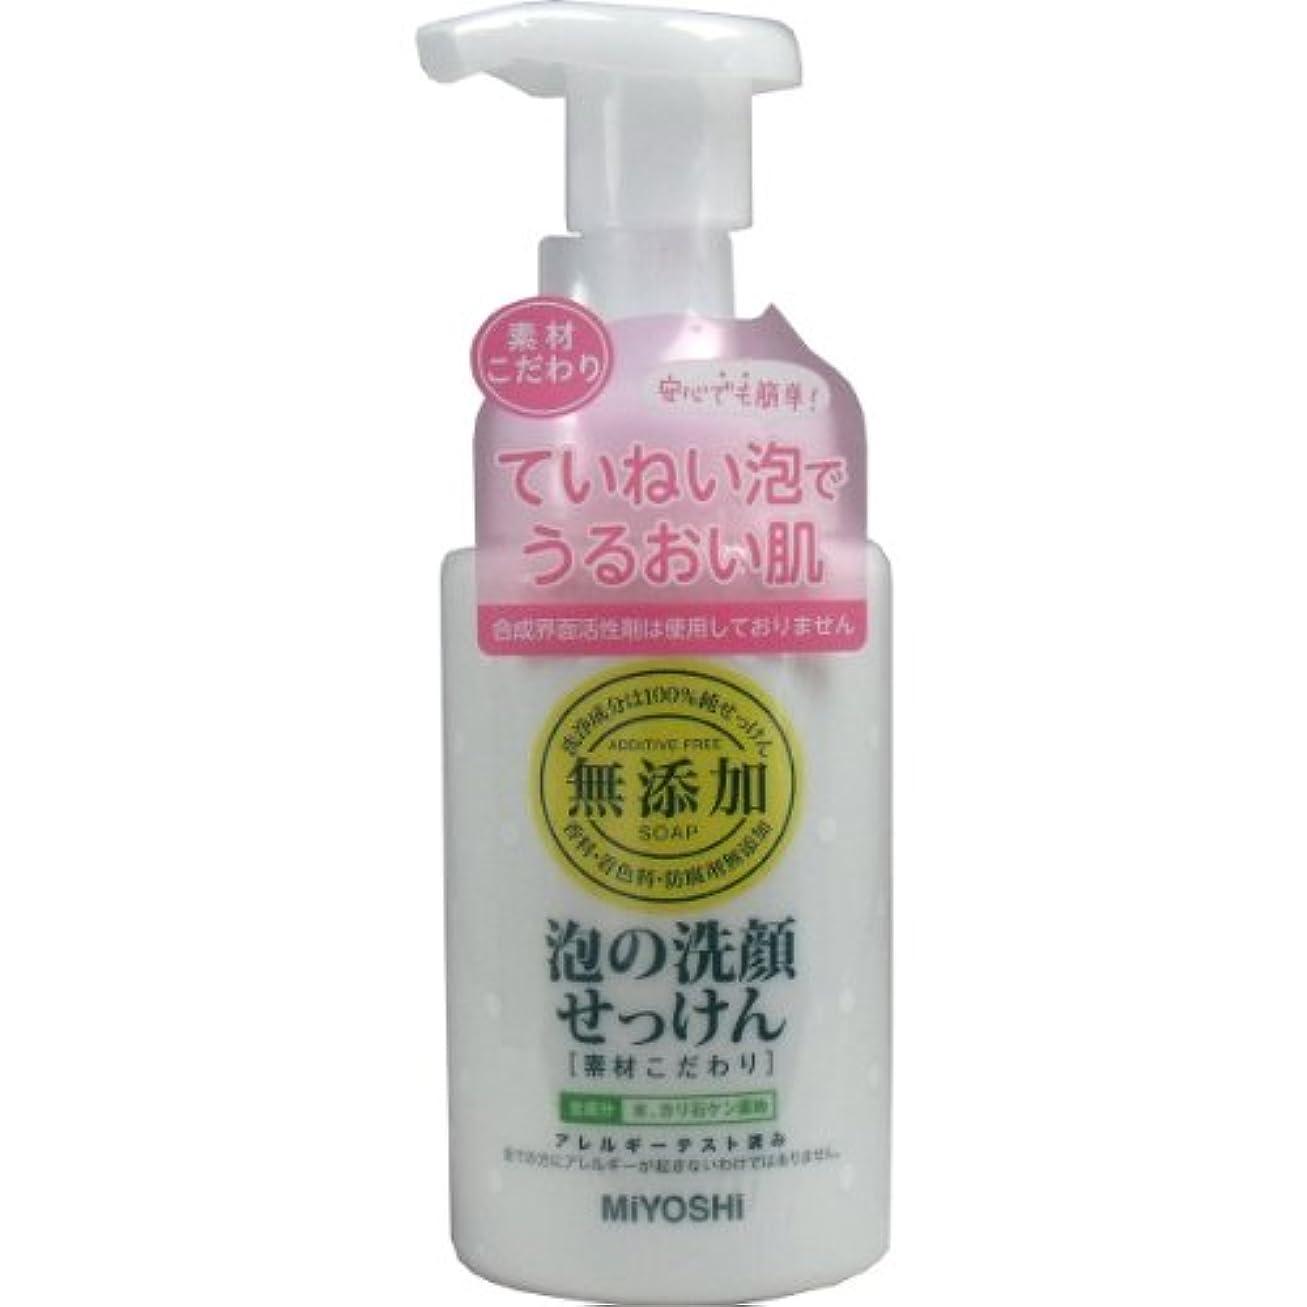 促進する工場志す【まとめ買い】無添加 素材こだわり 泡の洗顔せっけん 200ml ×2セット